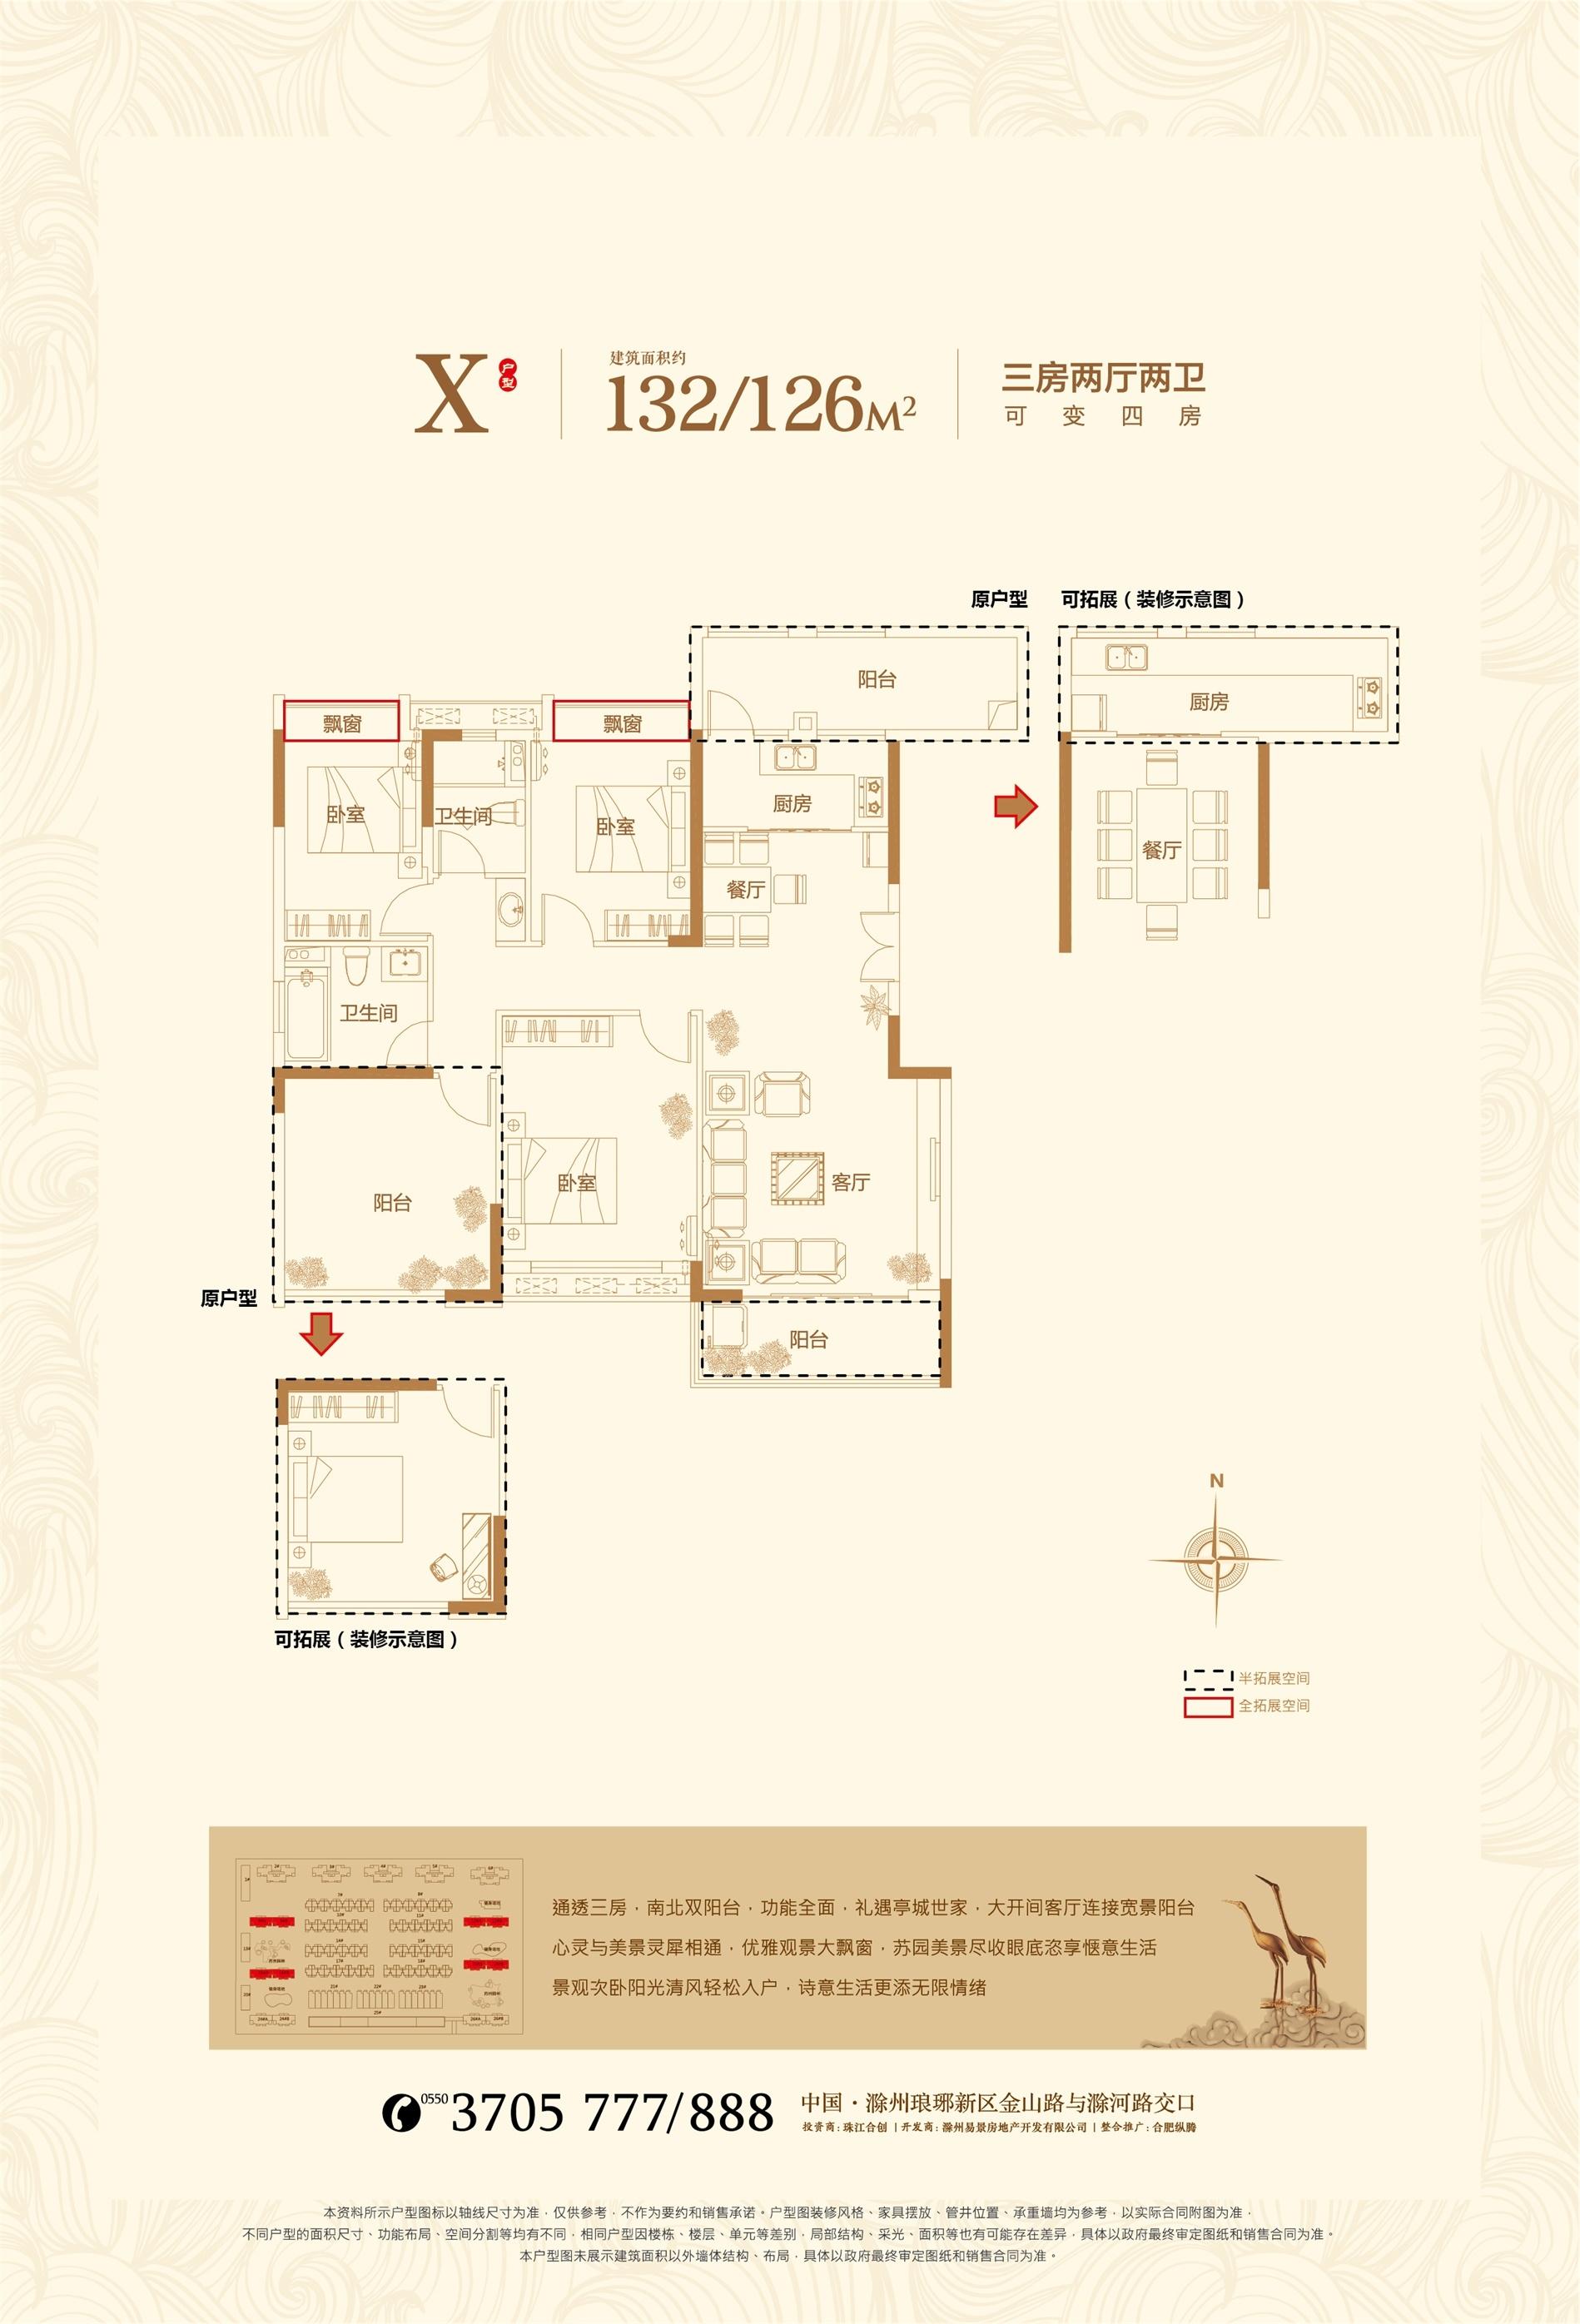 珠江和院 小高层 x户型 建筑面积约132/126平方